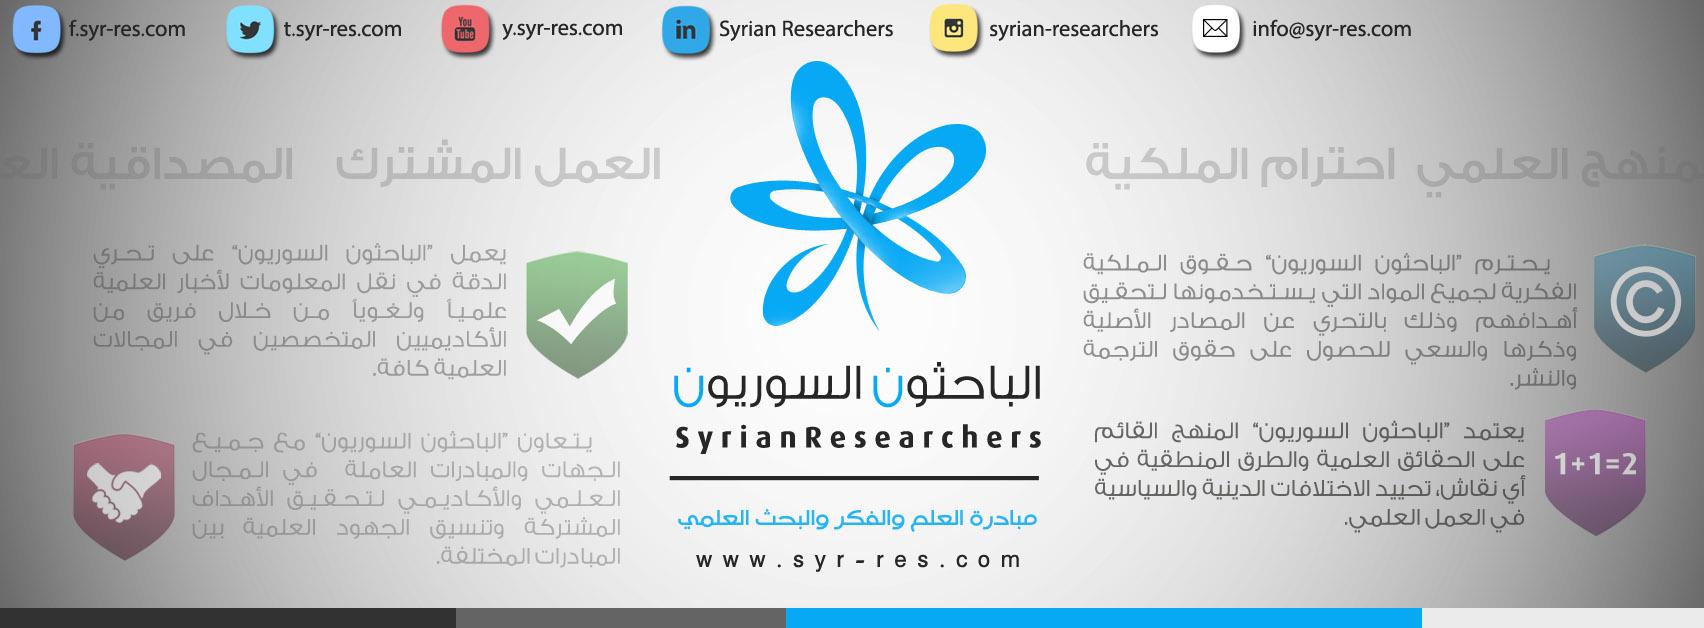 الباحثون السوريون